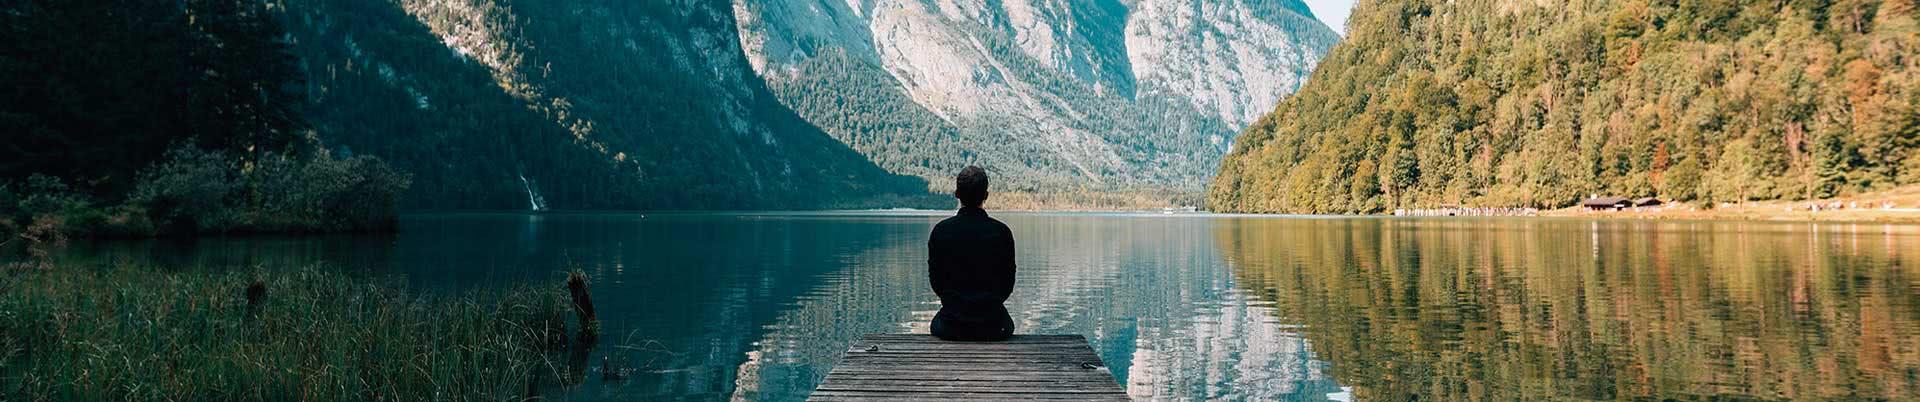 Person sitzt auf einem Steg an einem Bergsee